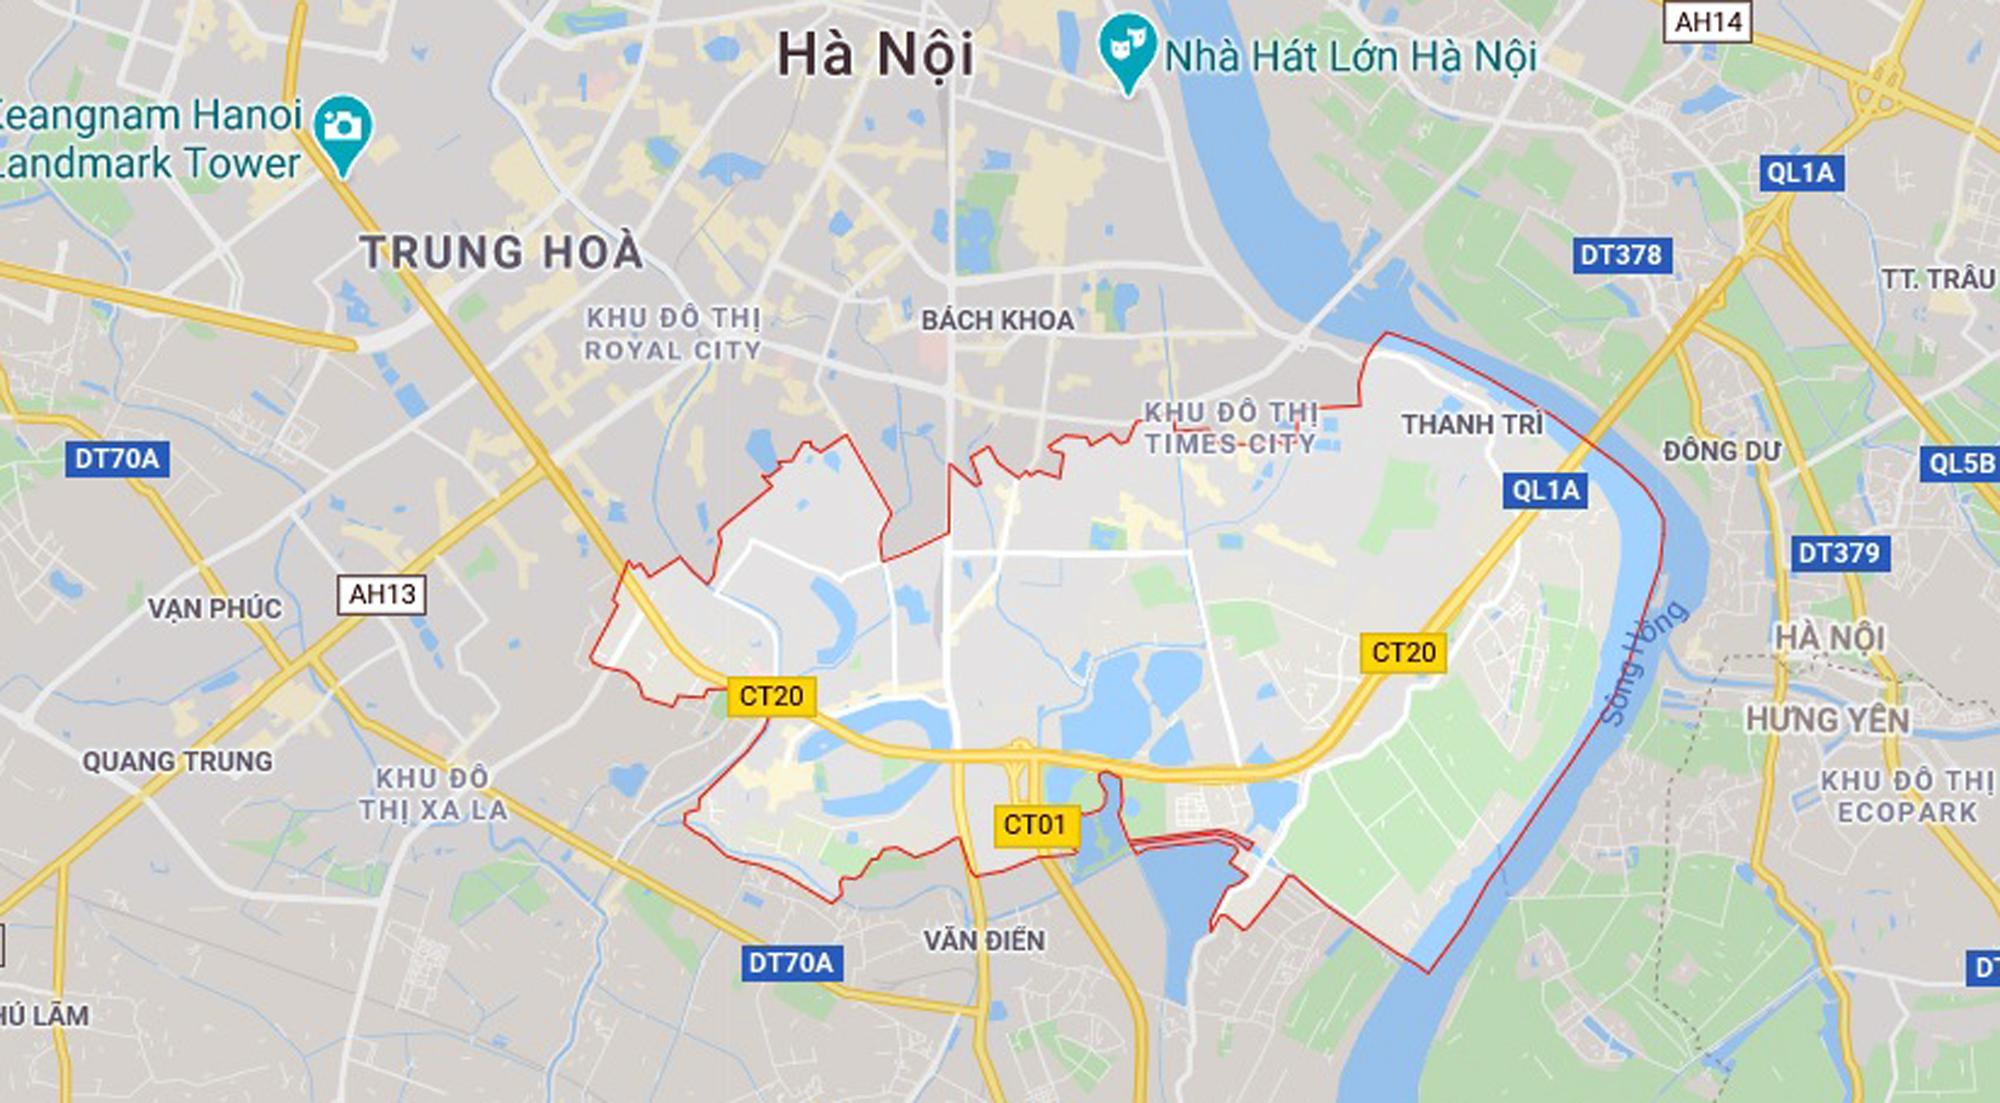 Những mảnh đất sẽ được đào hồ lớn theo qui hoạch ở quận Hoàng Mai - Ảnh 1.